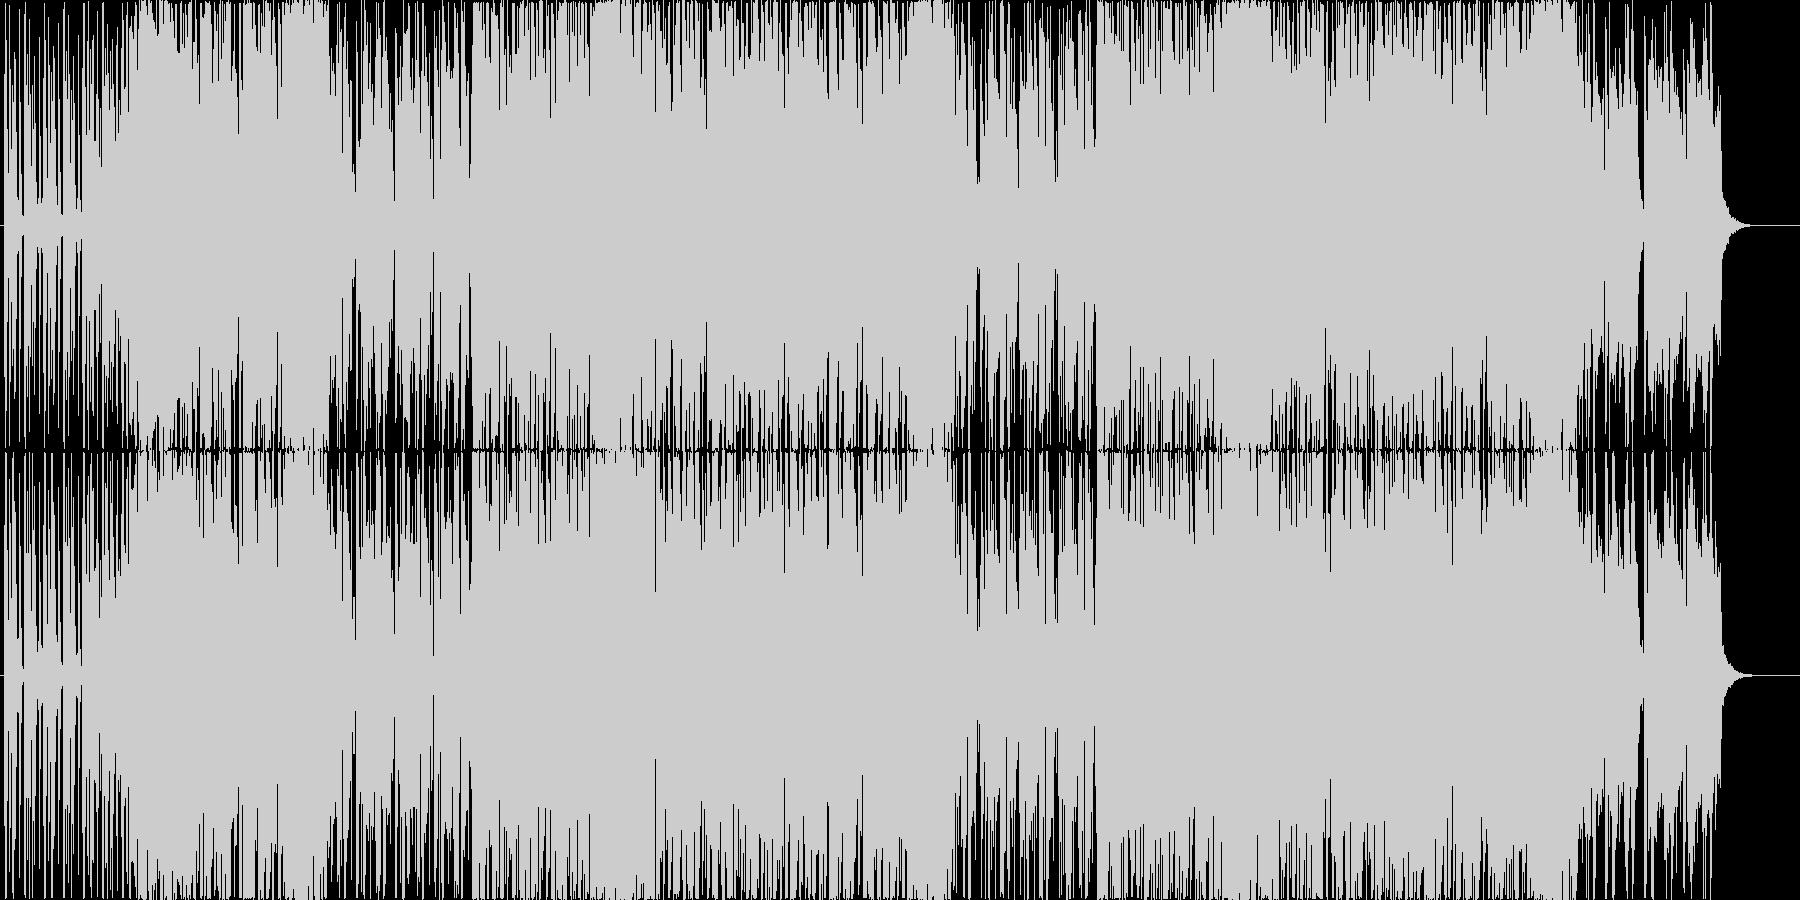 ストリングスのリフが印象的な明るいEDMの未再生の波形